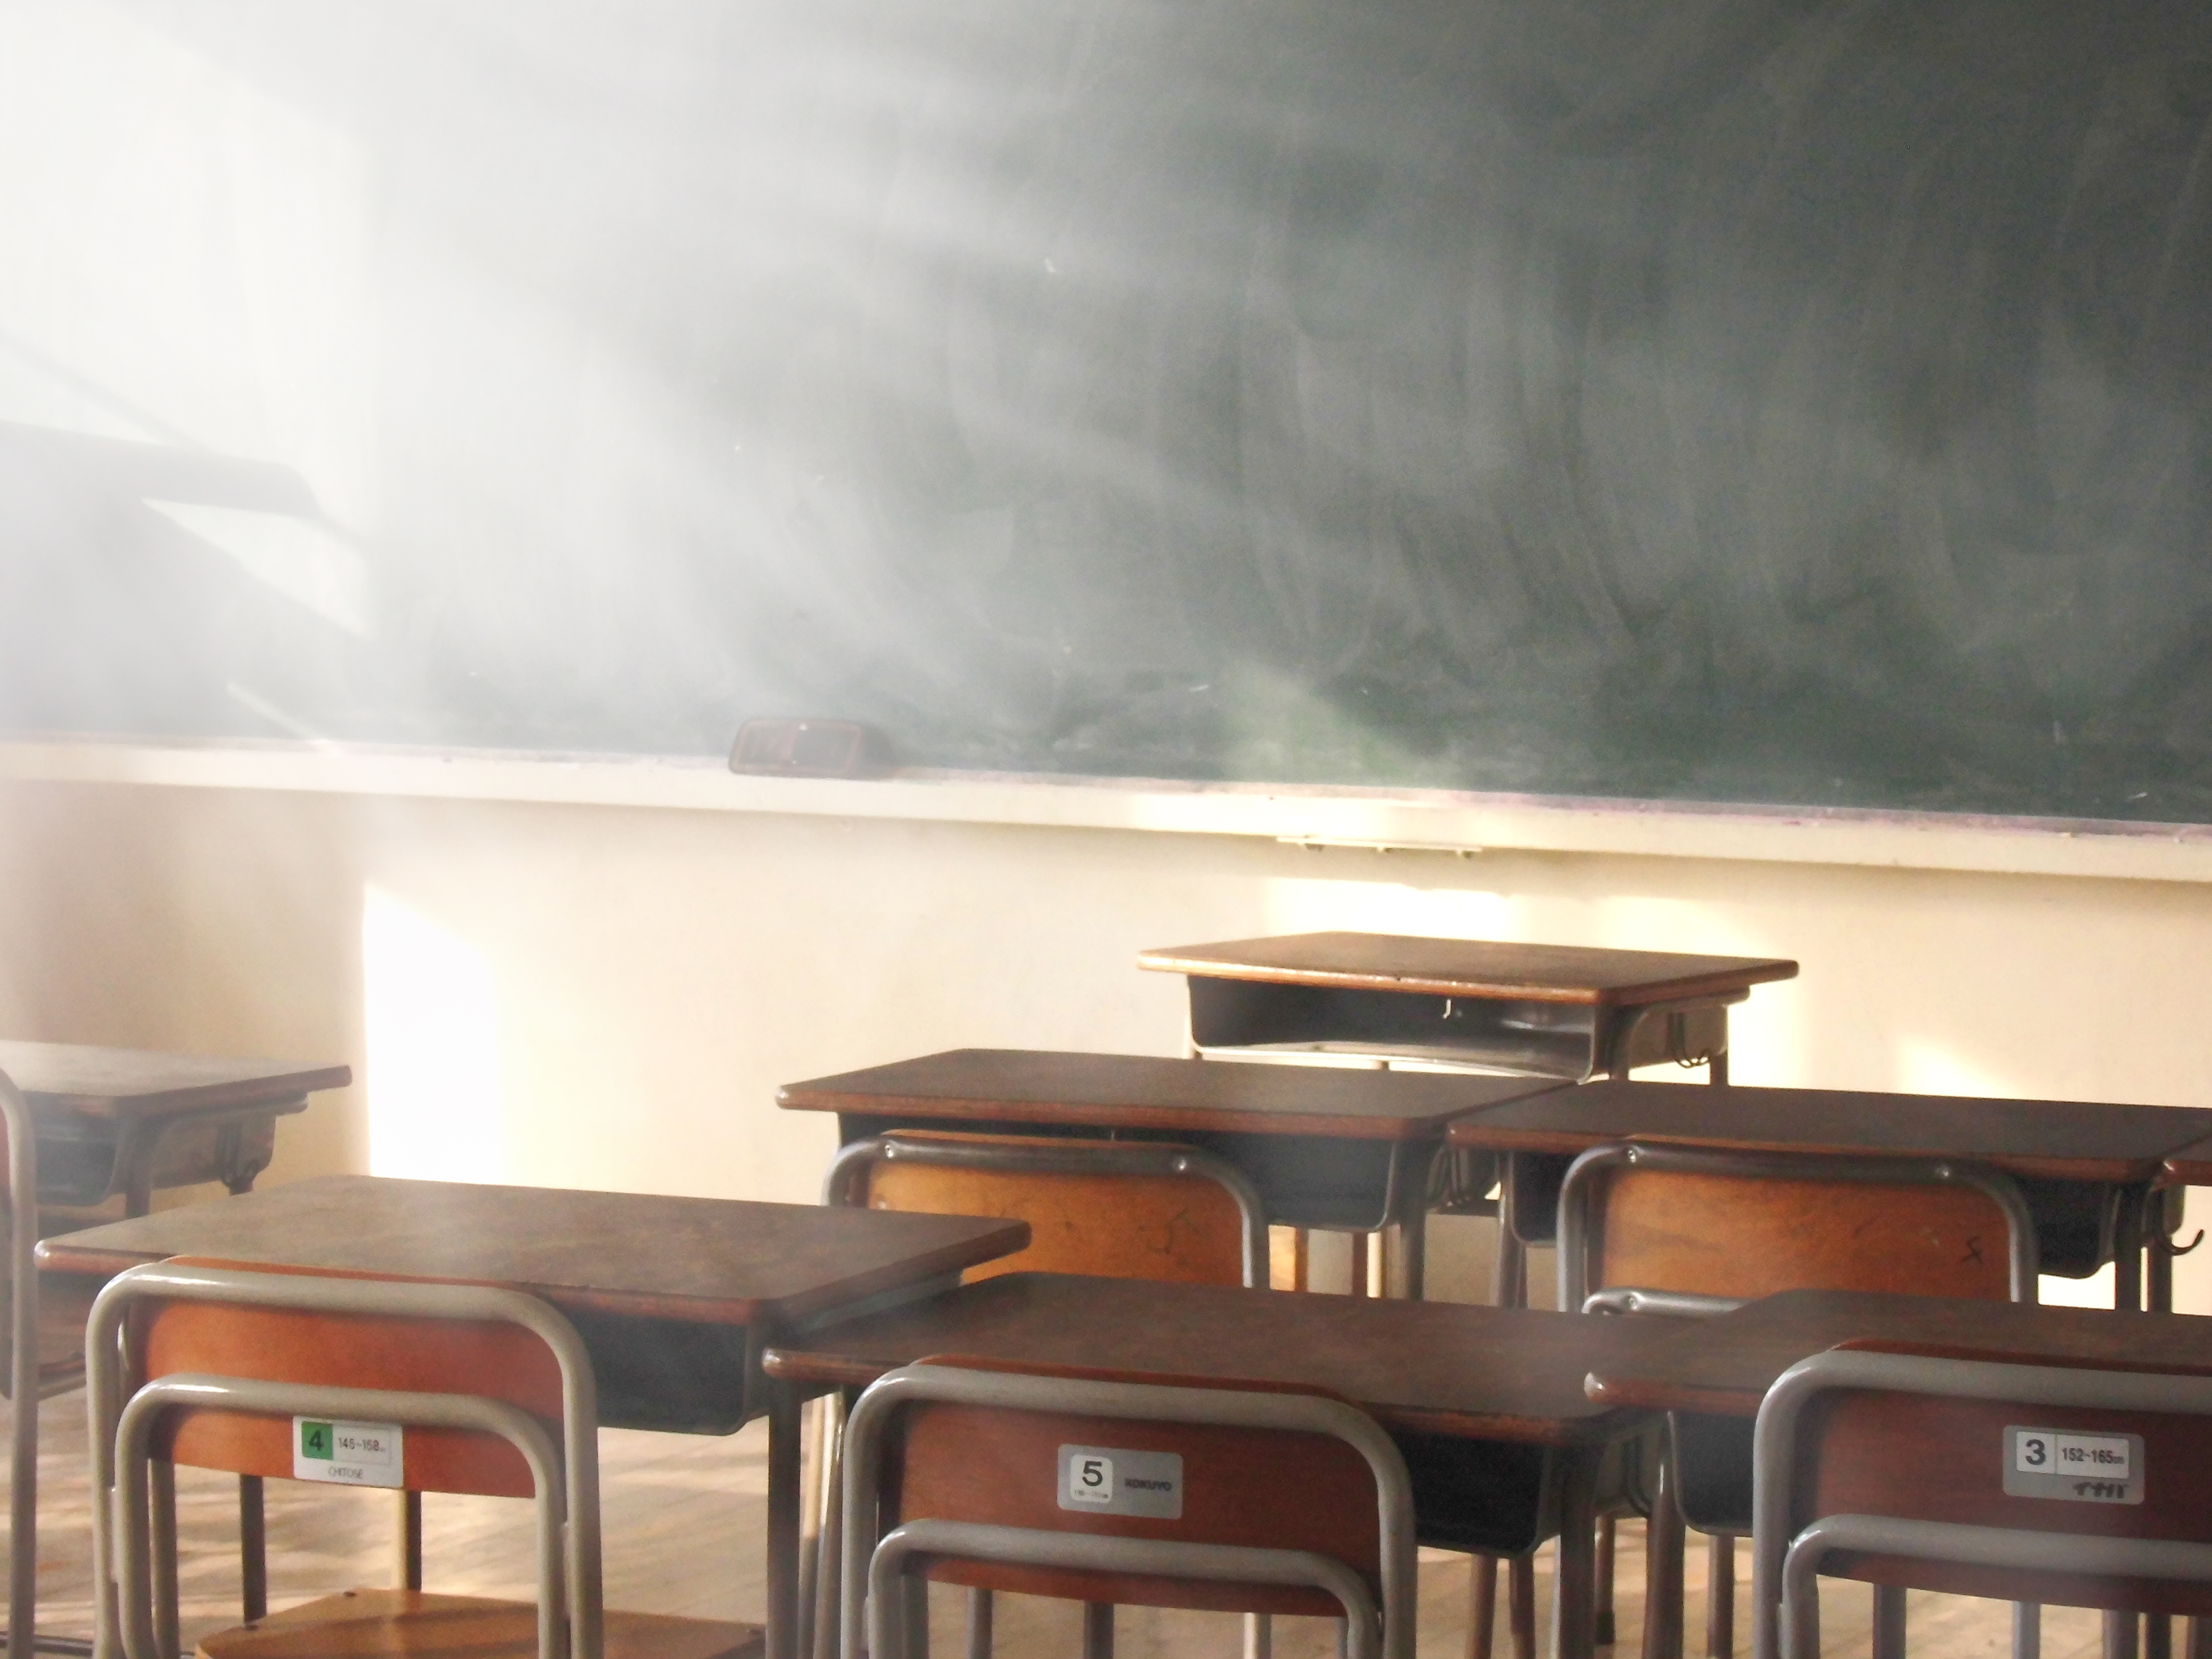 中学高校選びは定期テスト範囲を熟考すべき問題